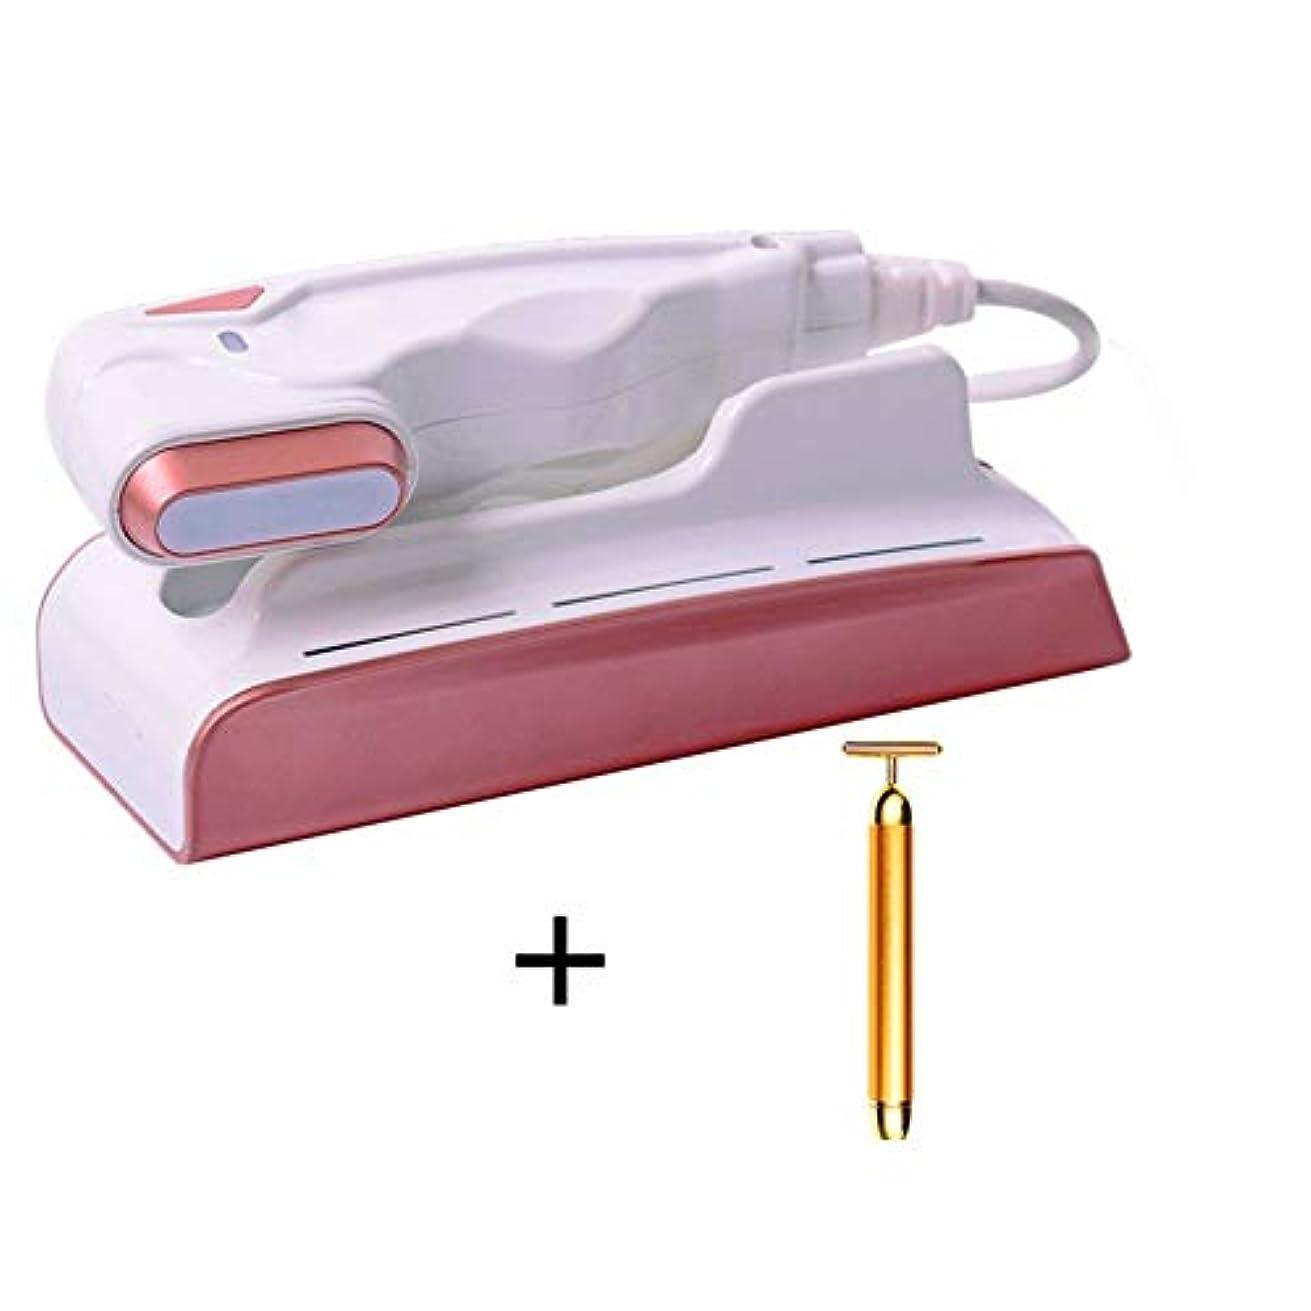 スキム概要知覚的フェイシャルマッサージャーフェイスマッサージャーデバイス高周波&バイブレーションマシンセラピー強化弾力性シワ改善敏感肌用スキンケア製品